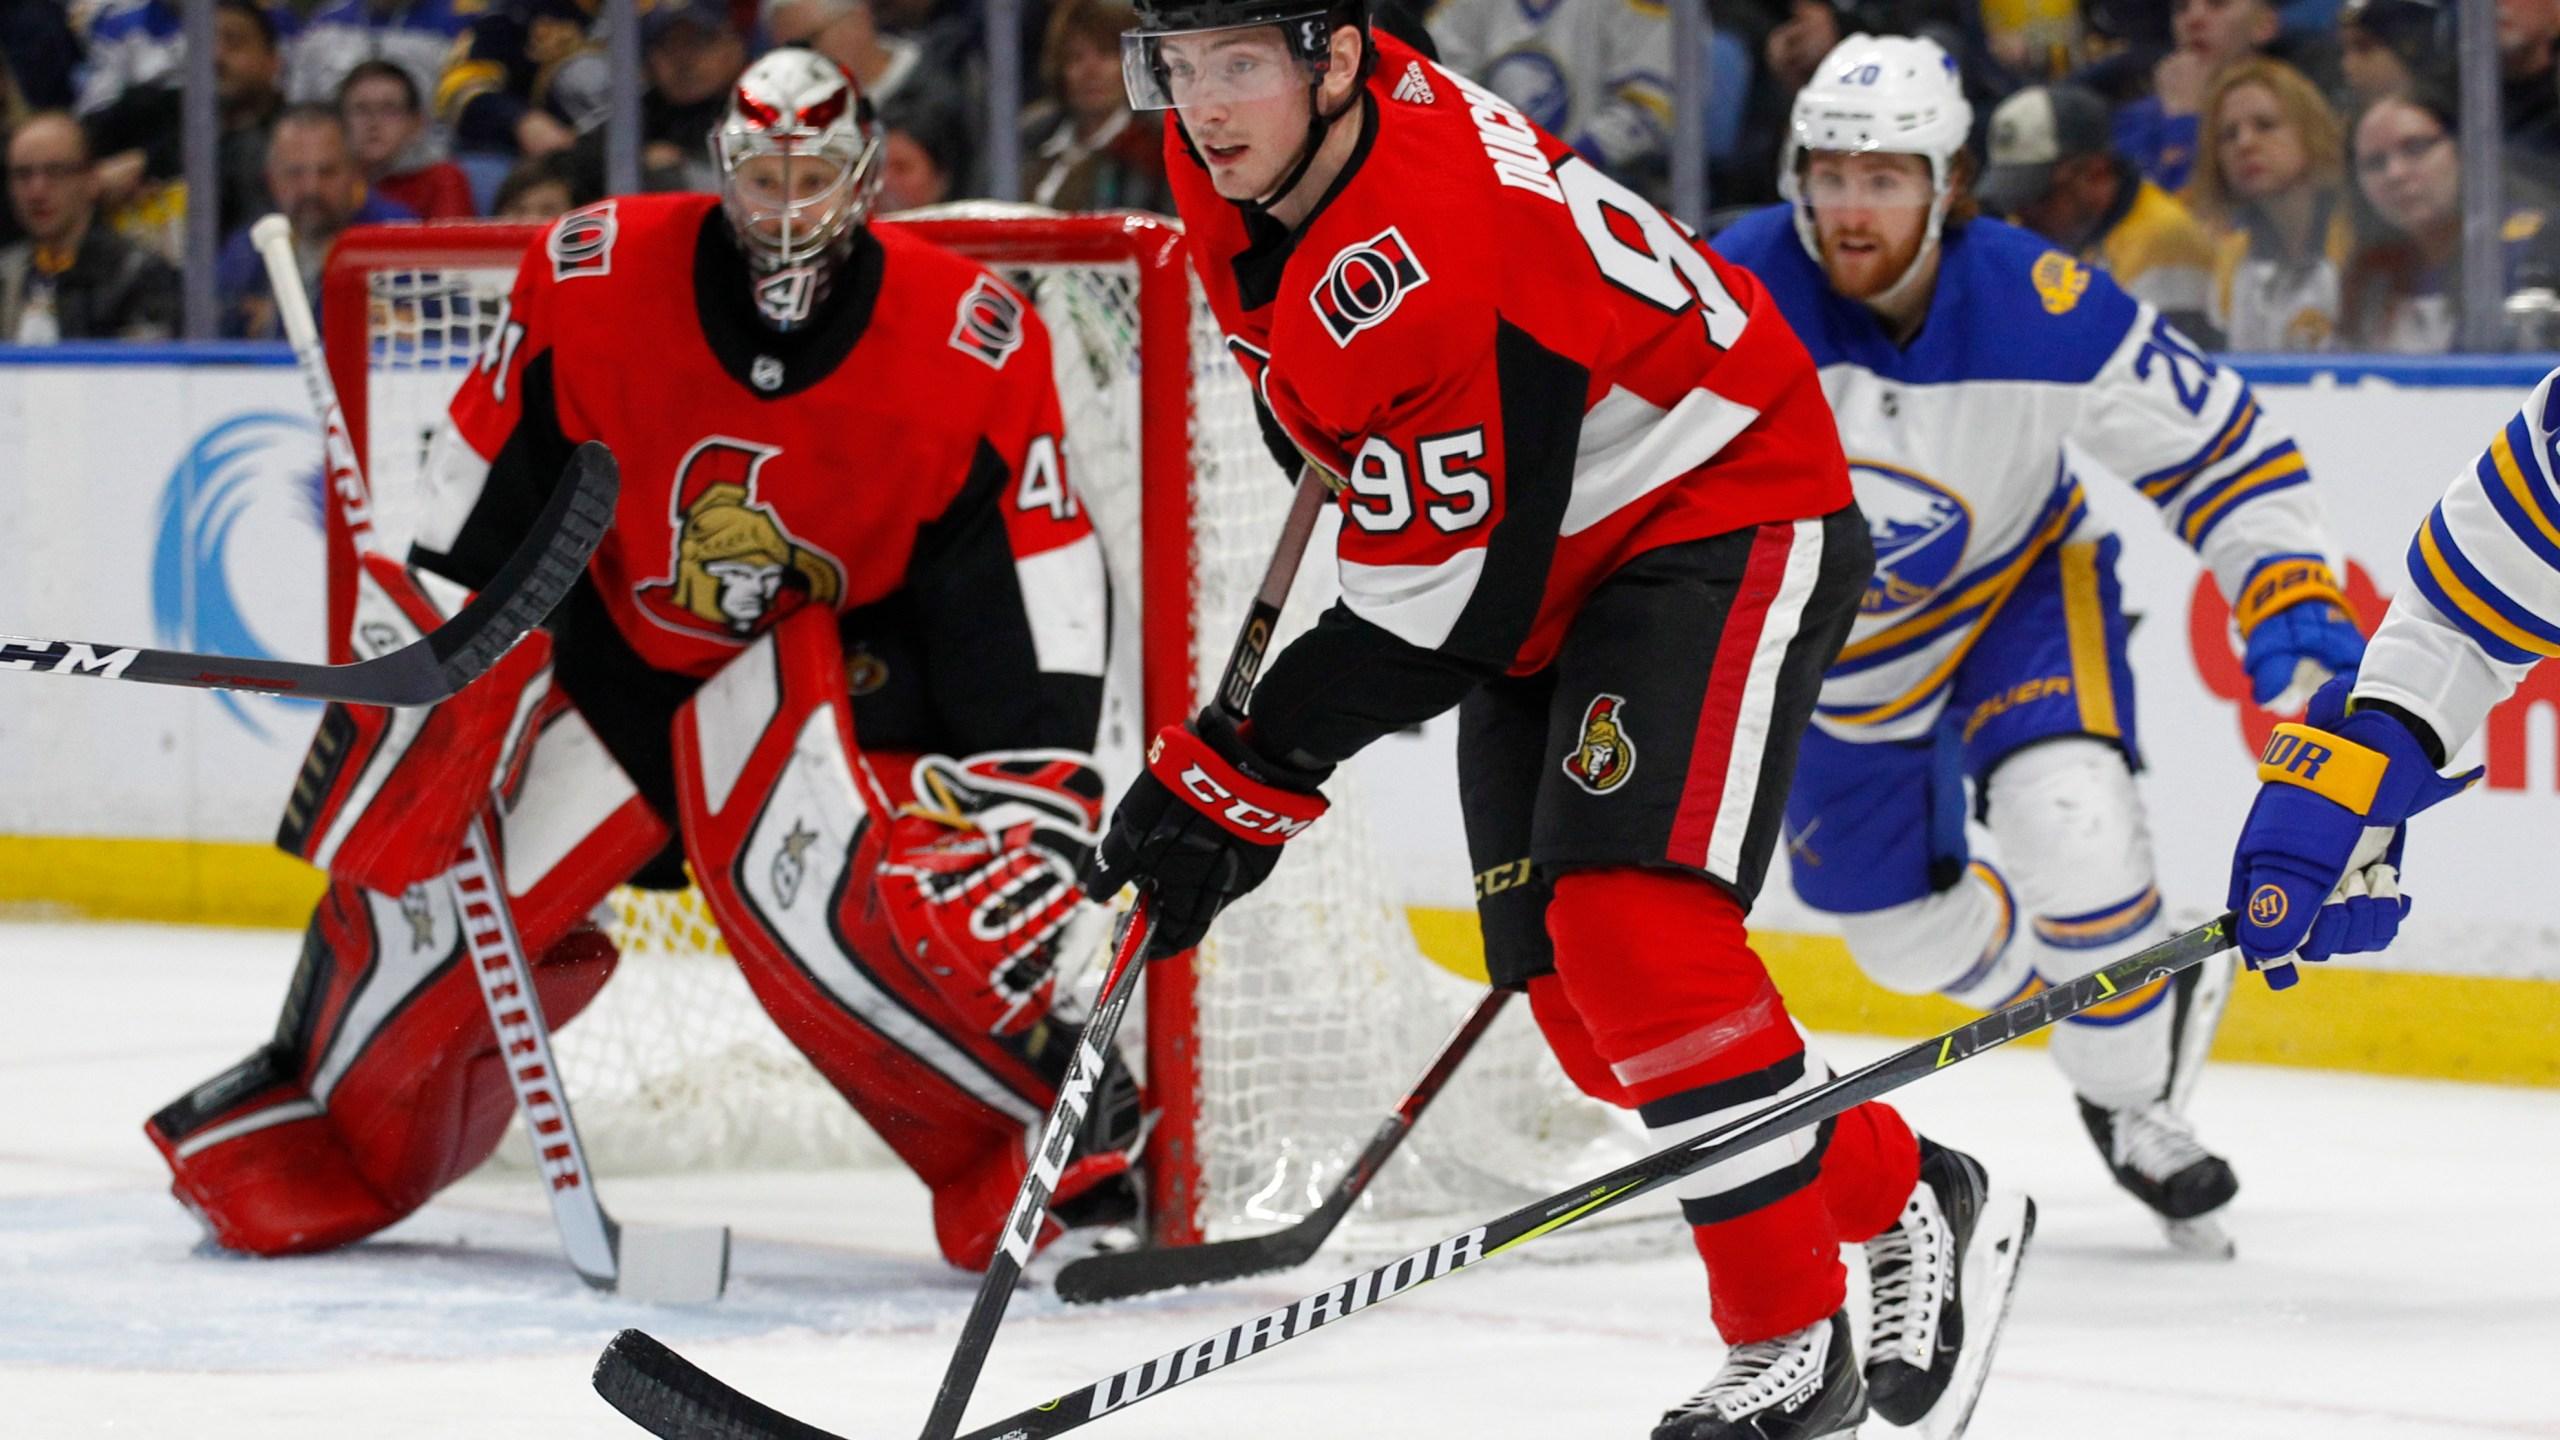 Senators Sabres Hockey_1522890031969